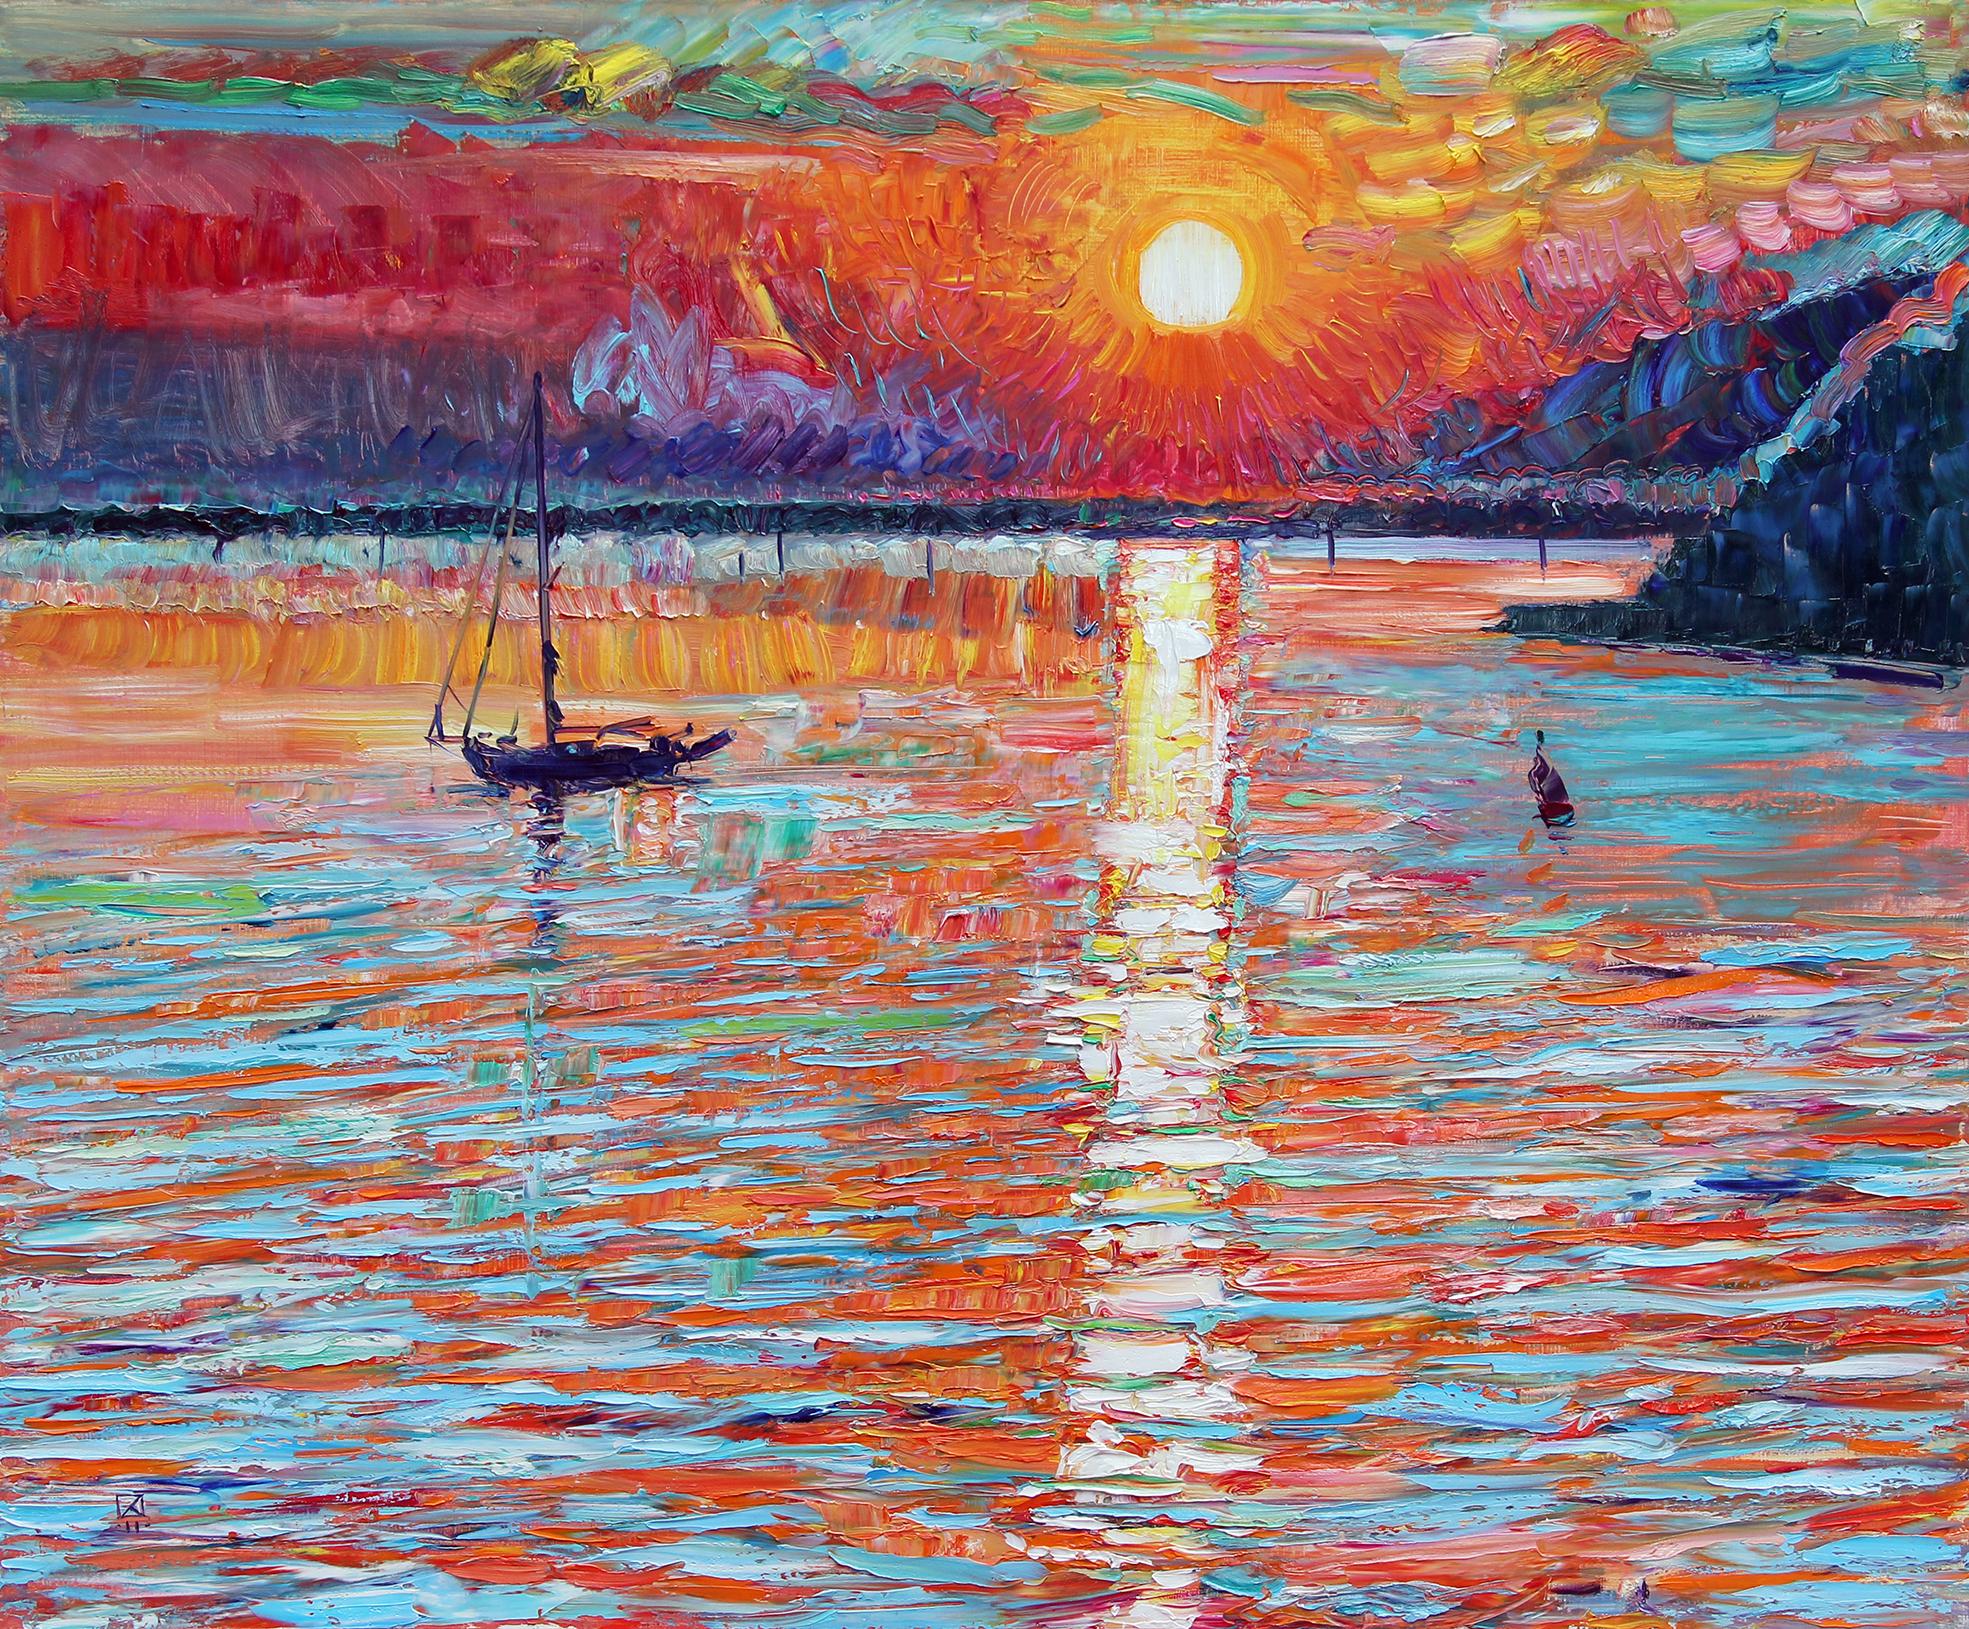 Sunset in Duino. 2011. Oil on canvas. 100 х 120